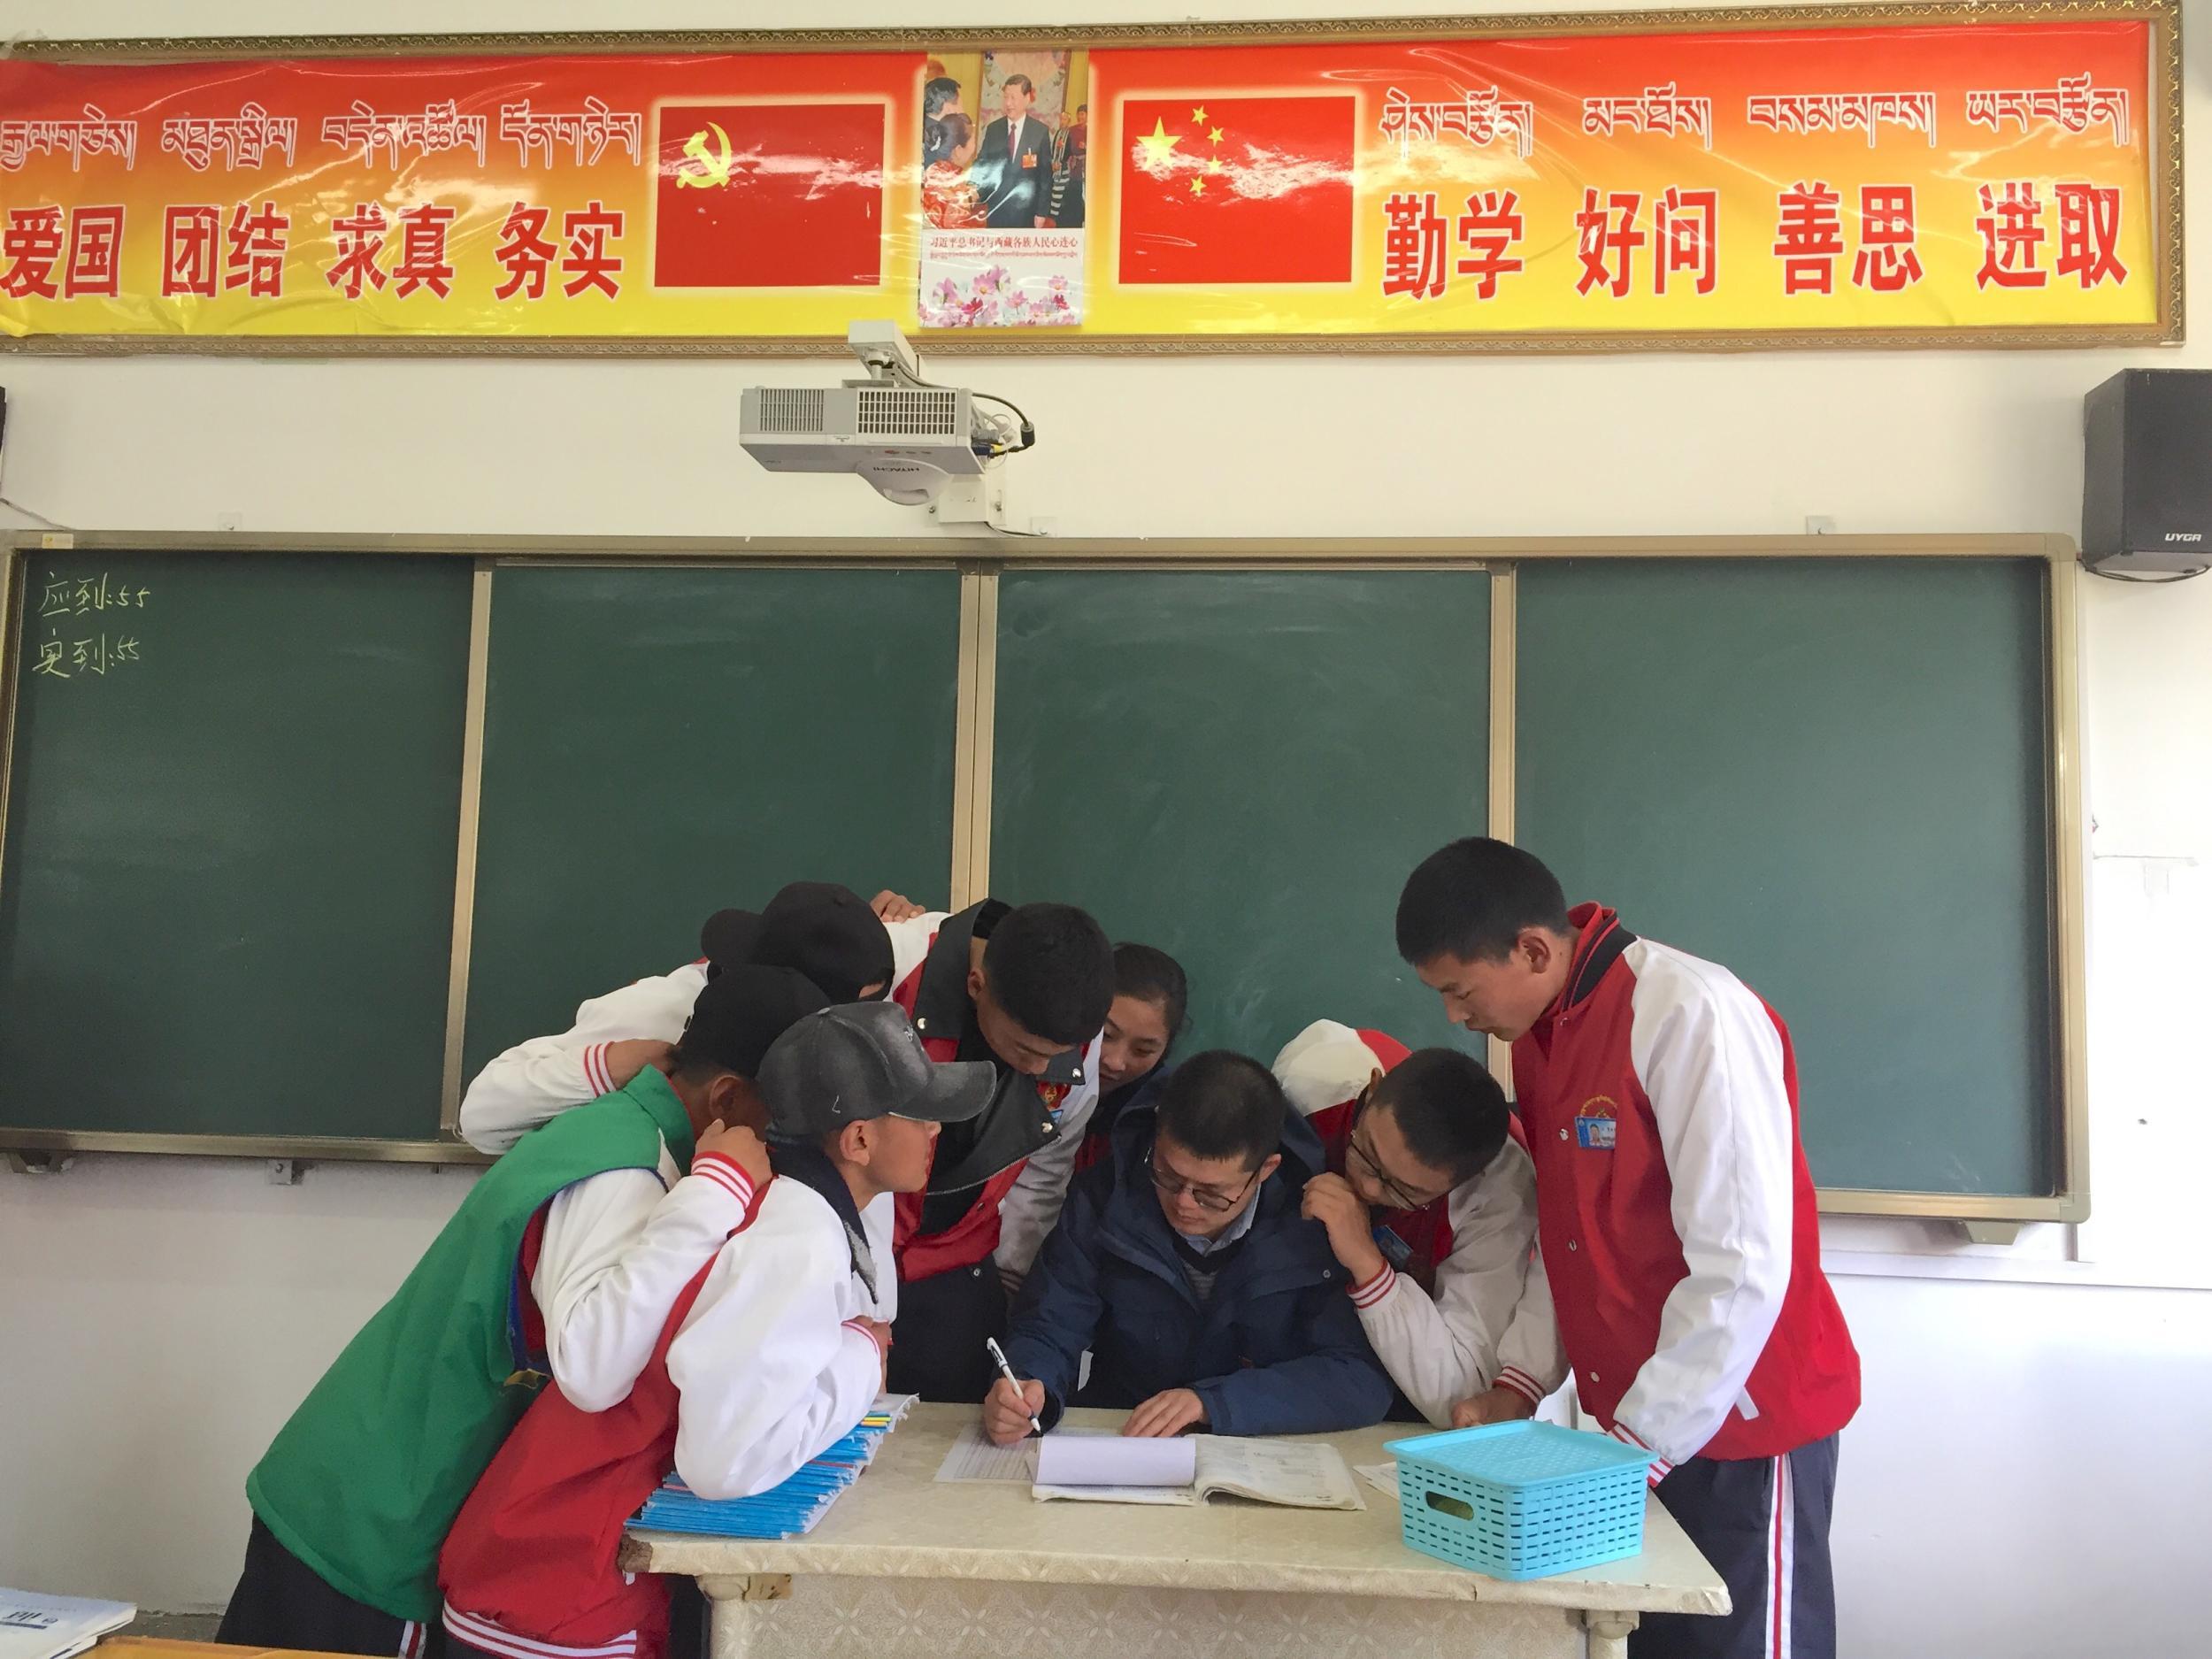 贺舟波:奉献西藏教育  展现浙江风采